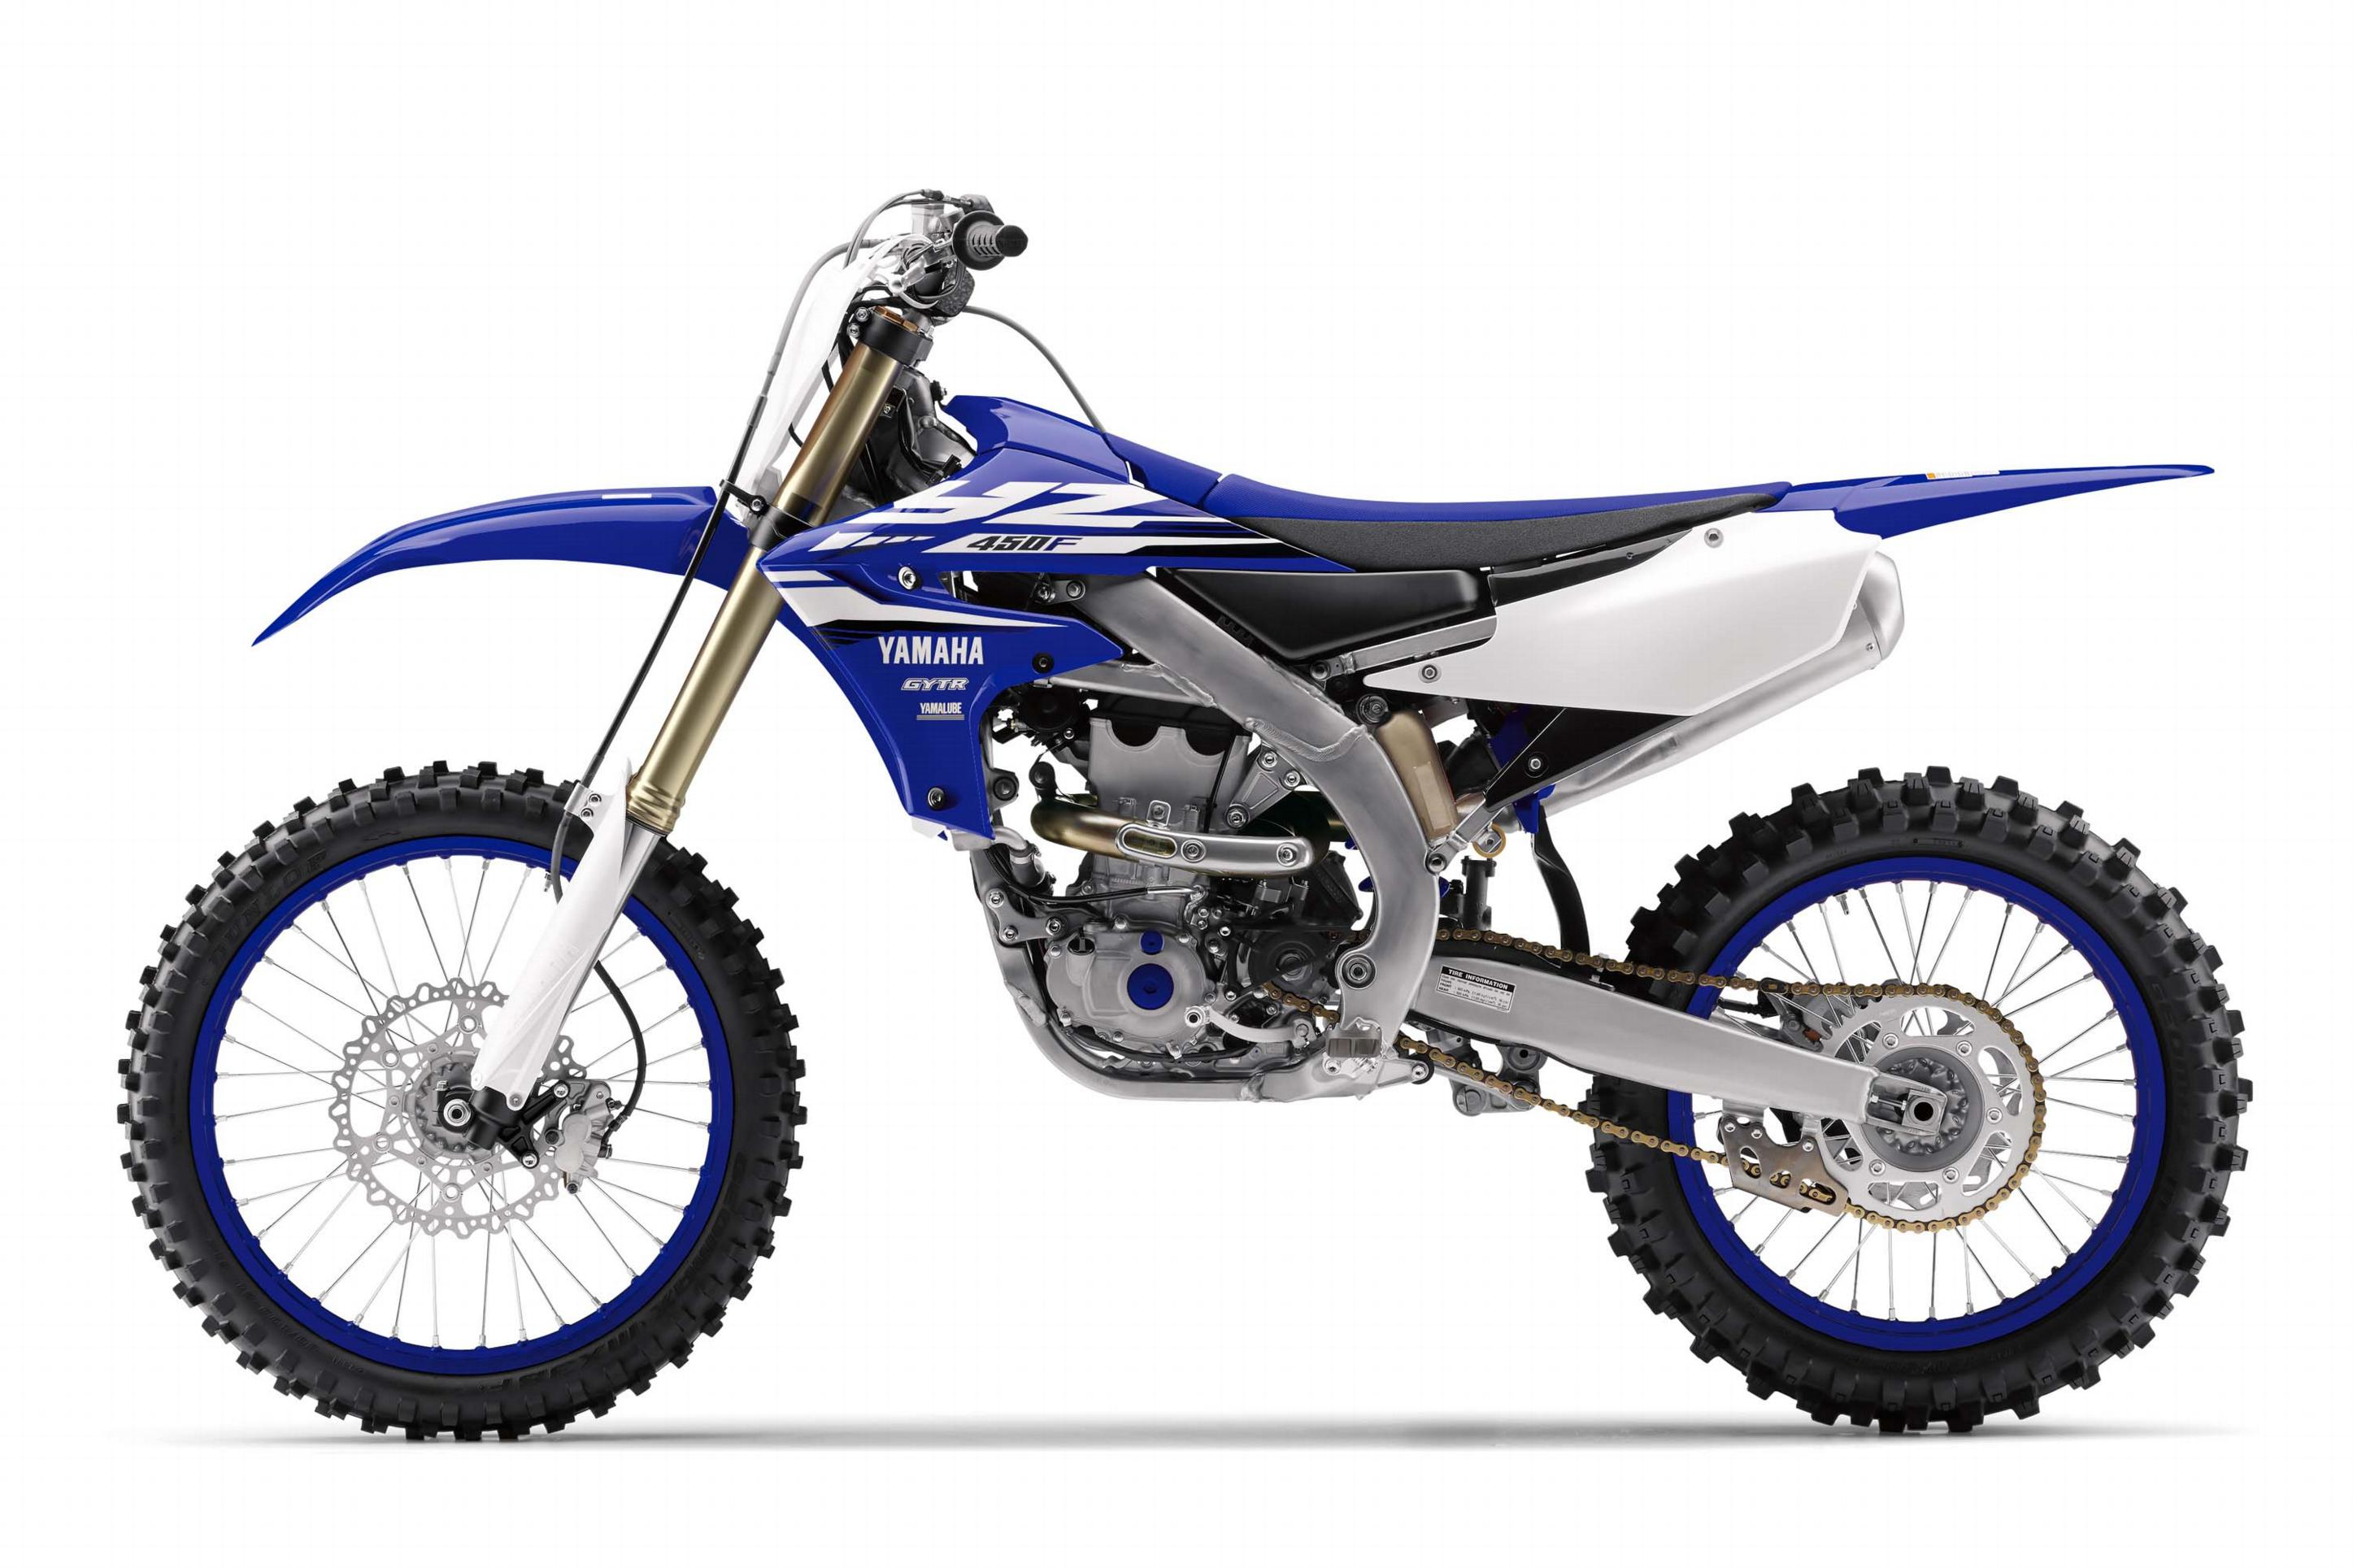 Te koop yamaha yzf 450 f bikenet for Yamaha yzf 450